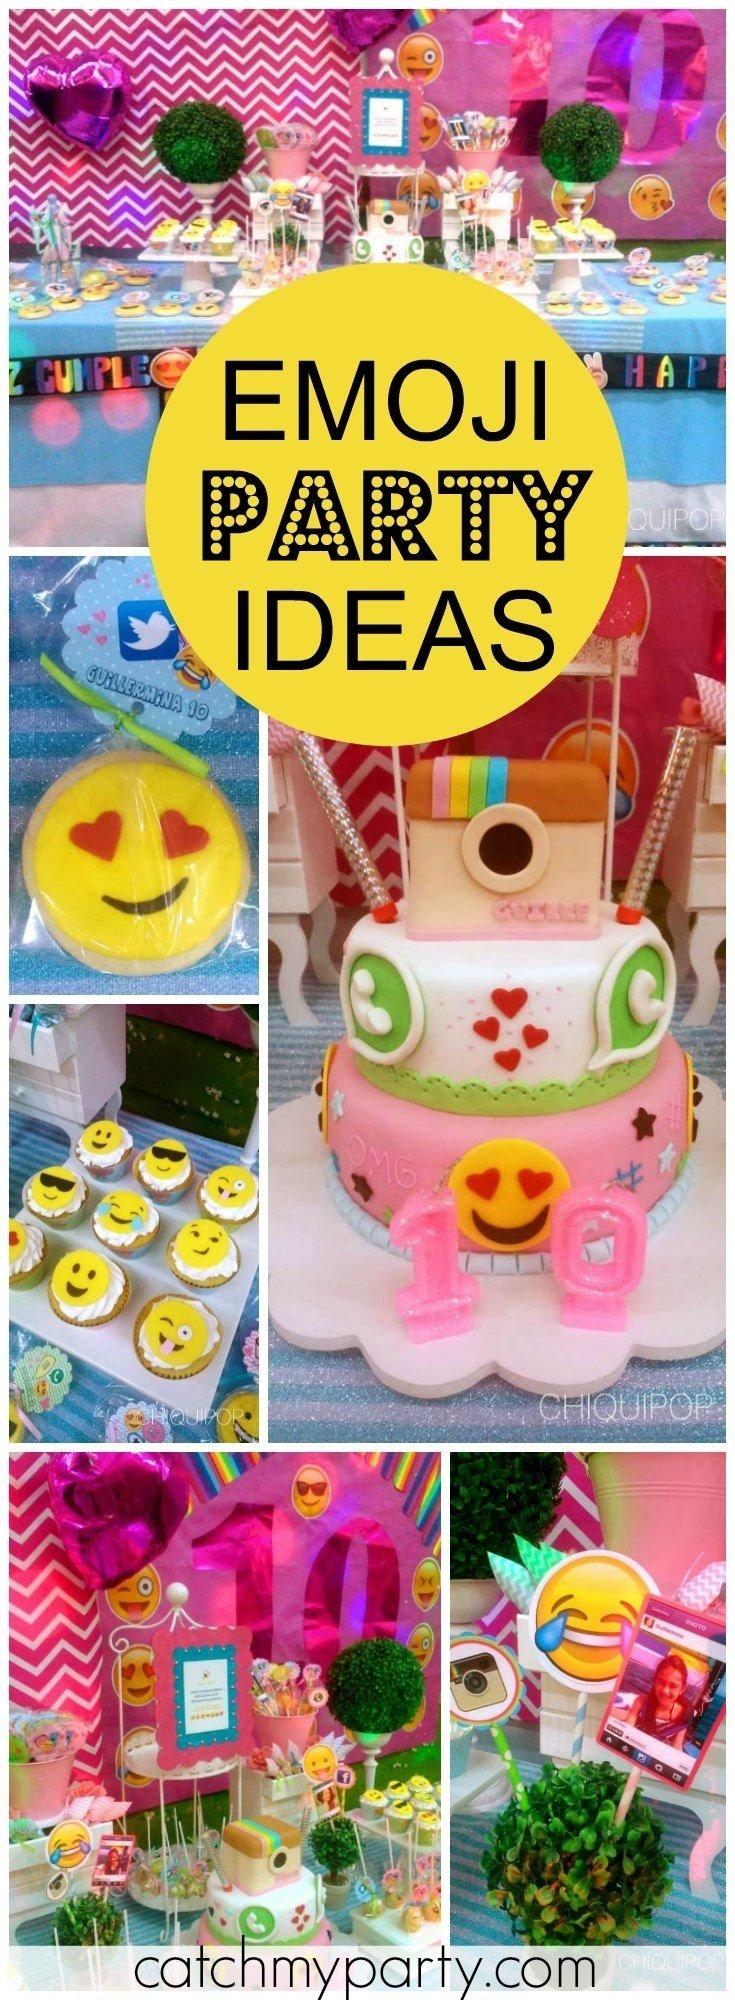 10 Wonderful Fun 13Th Birthday Party Ideas insta face emoji birthday a fun holiday for guillerminas 10th 5 2020